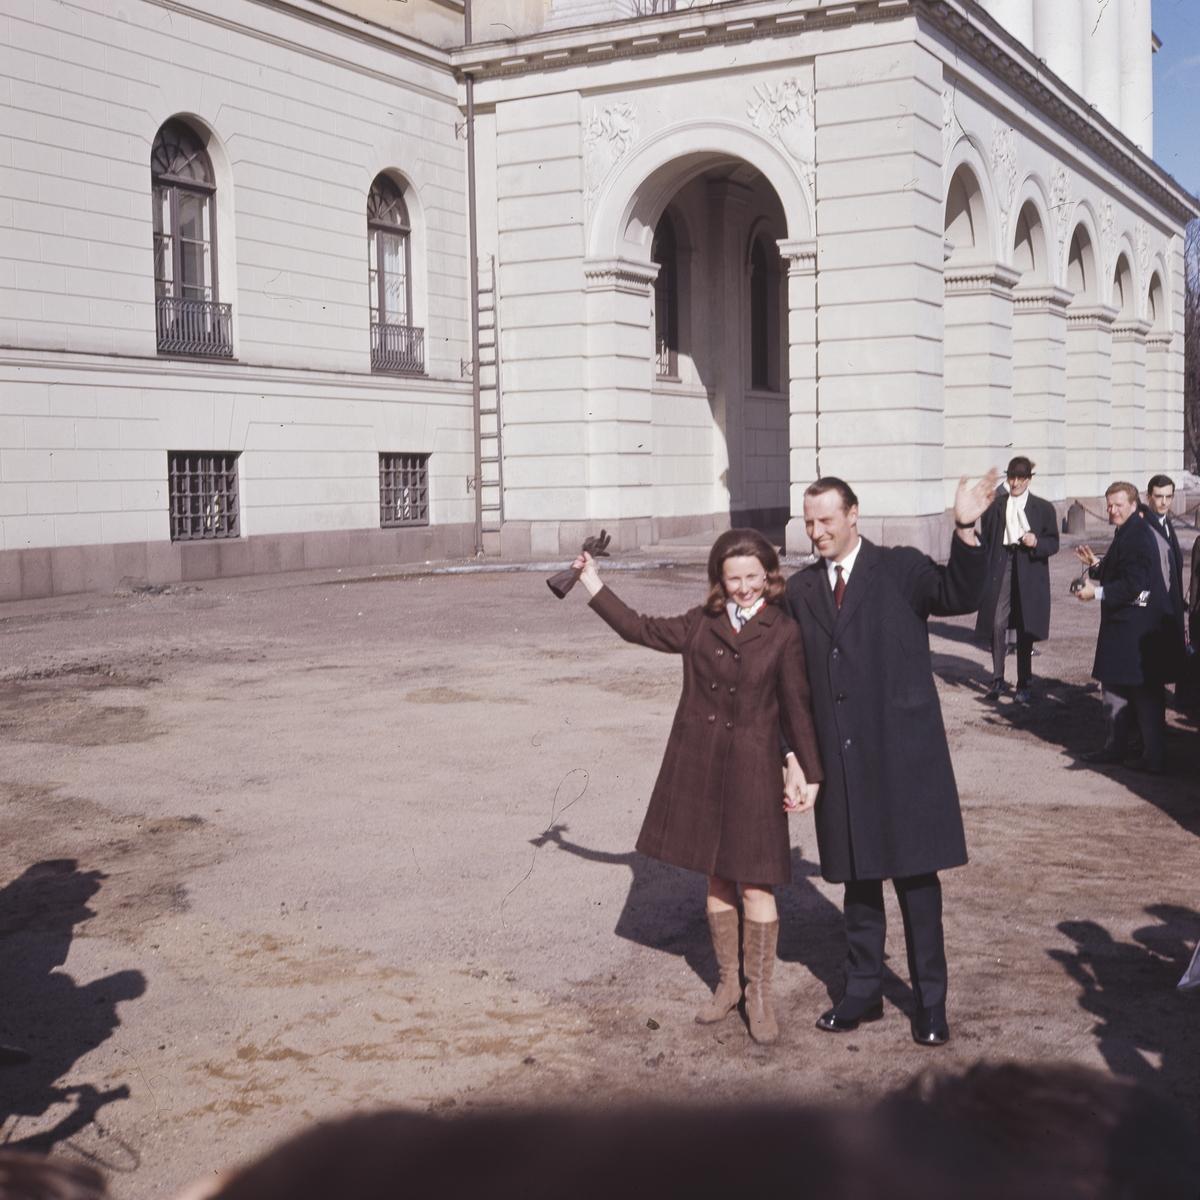 Kronprins Harald og Sonja foran Slottet. 20.03.1968 (Foto/Photo)